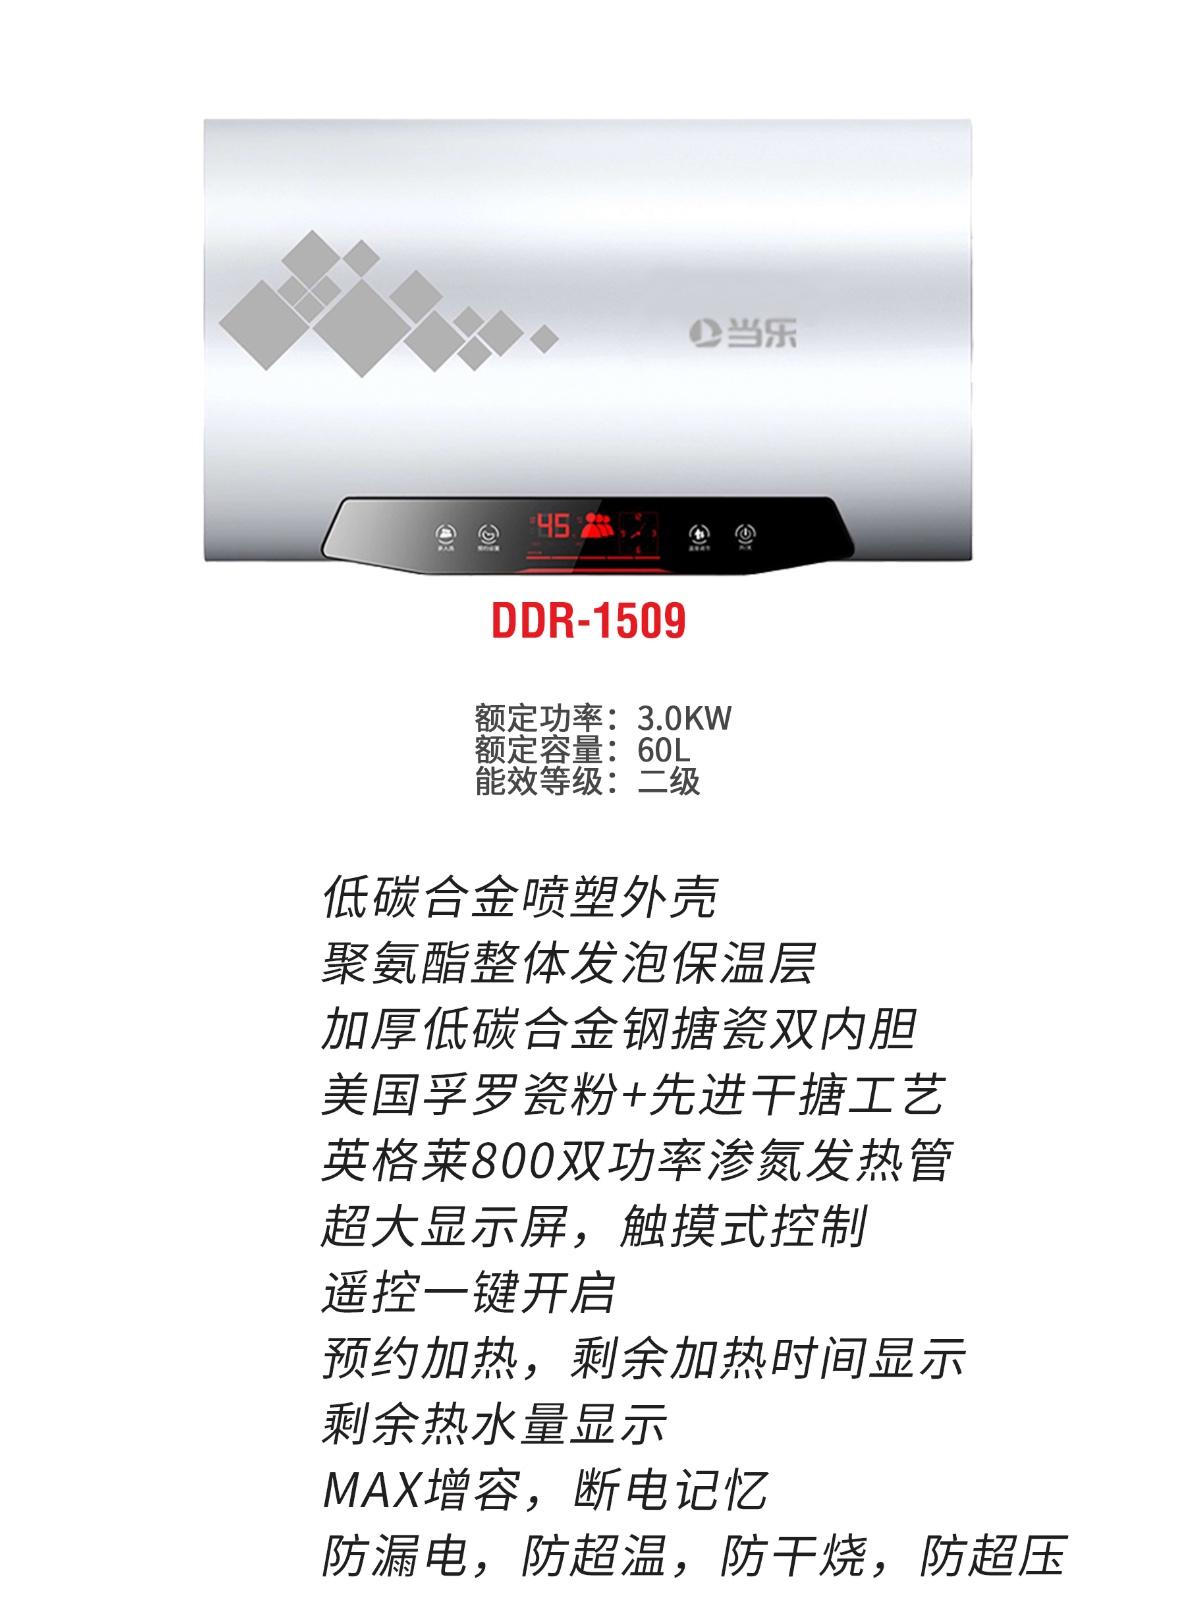 DDR-1509.jpg